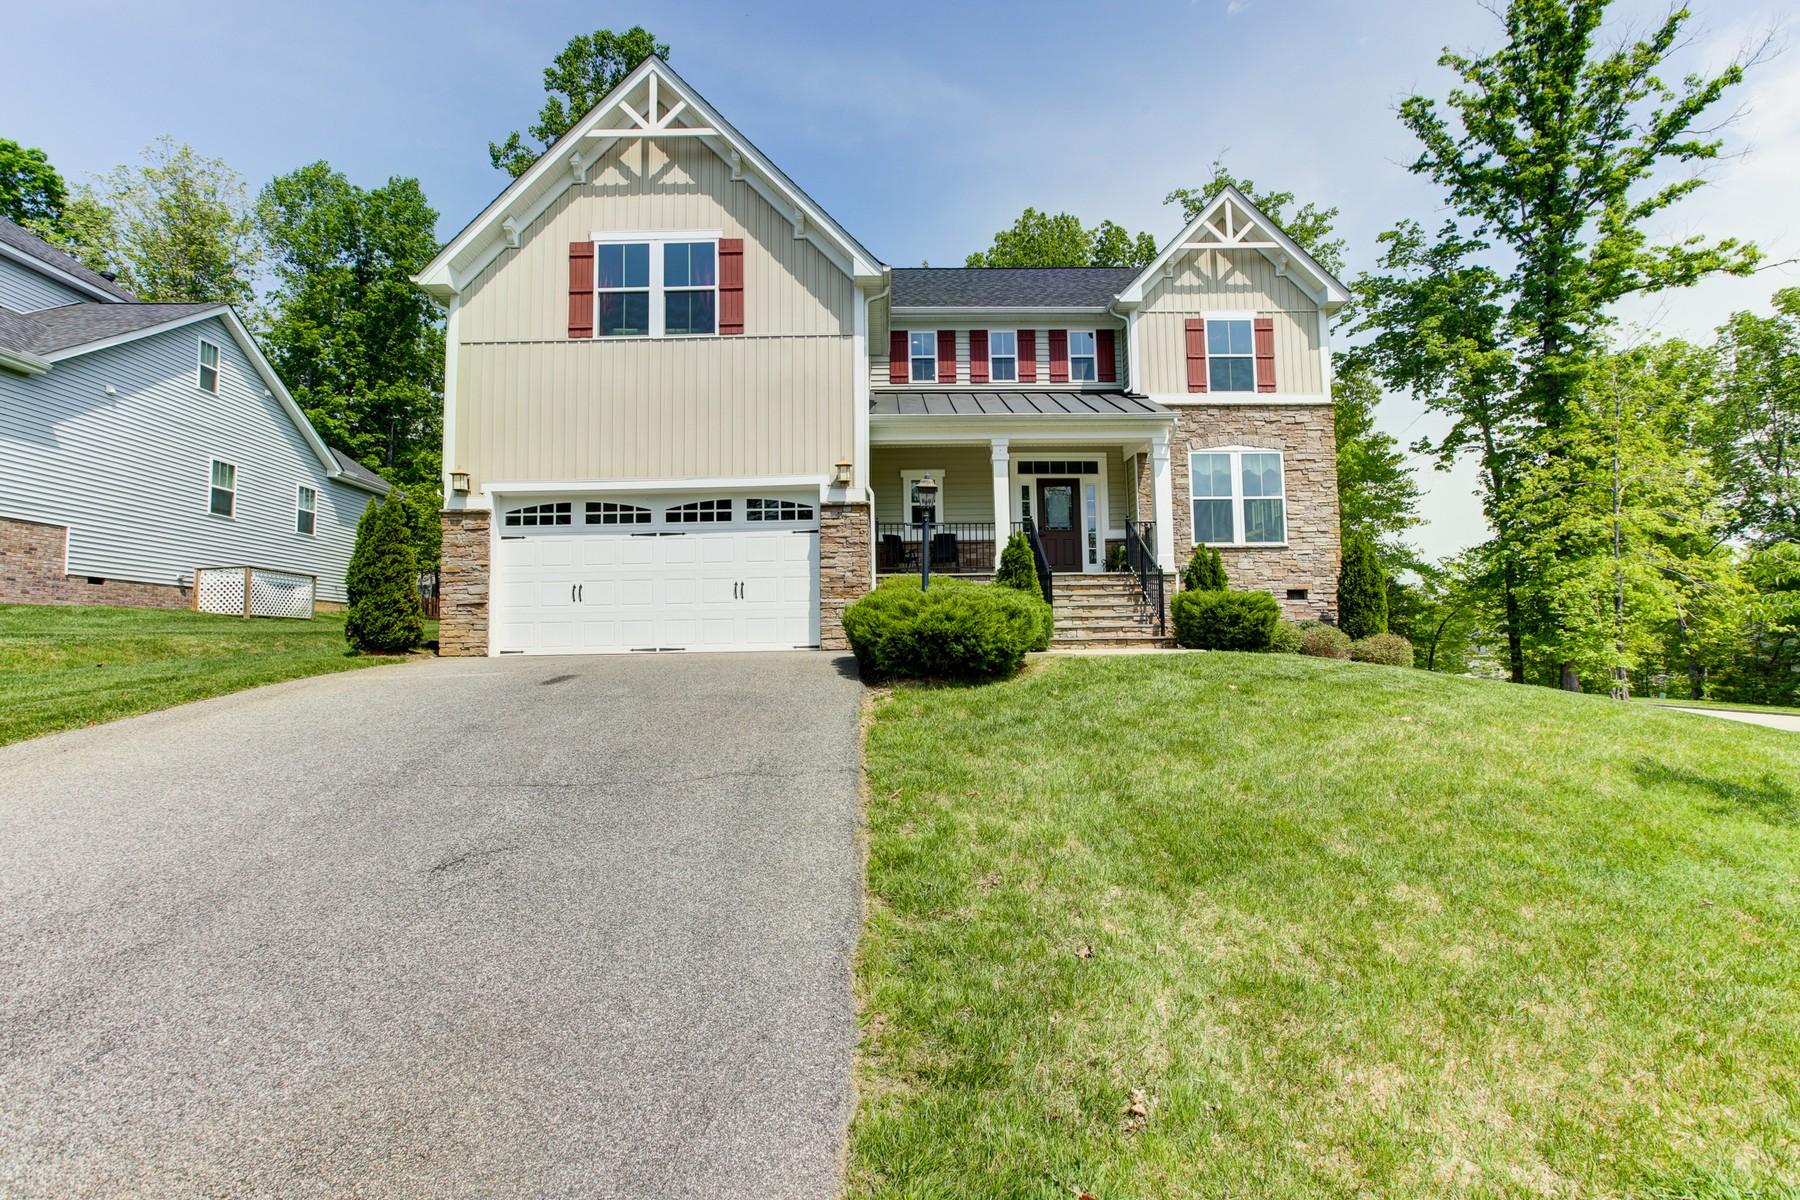 Casa Unifamiliar por un Venta en 15000 Badestowe Drive Chesterfield, Virginia 23832 Estados Unidos